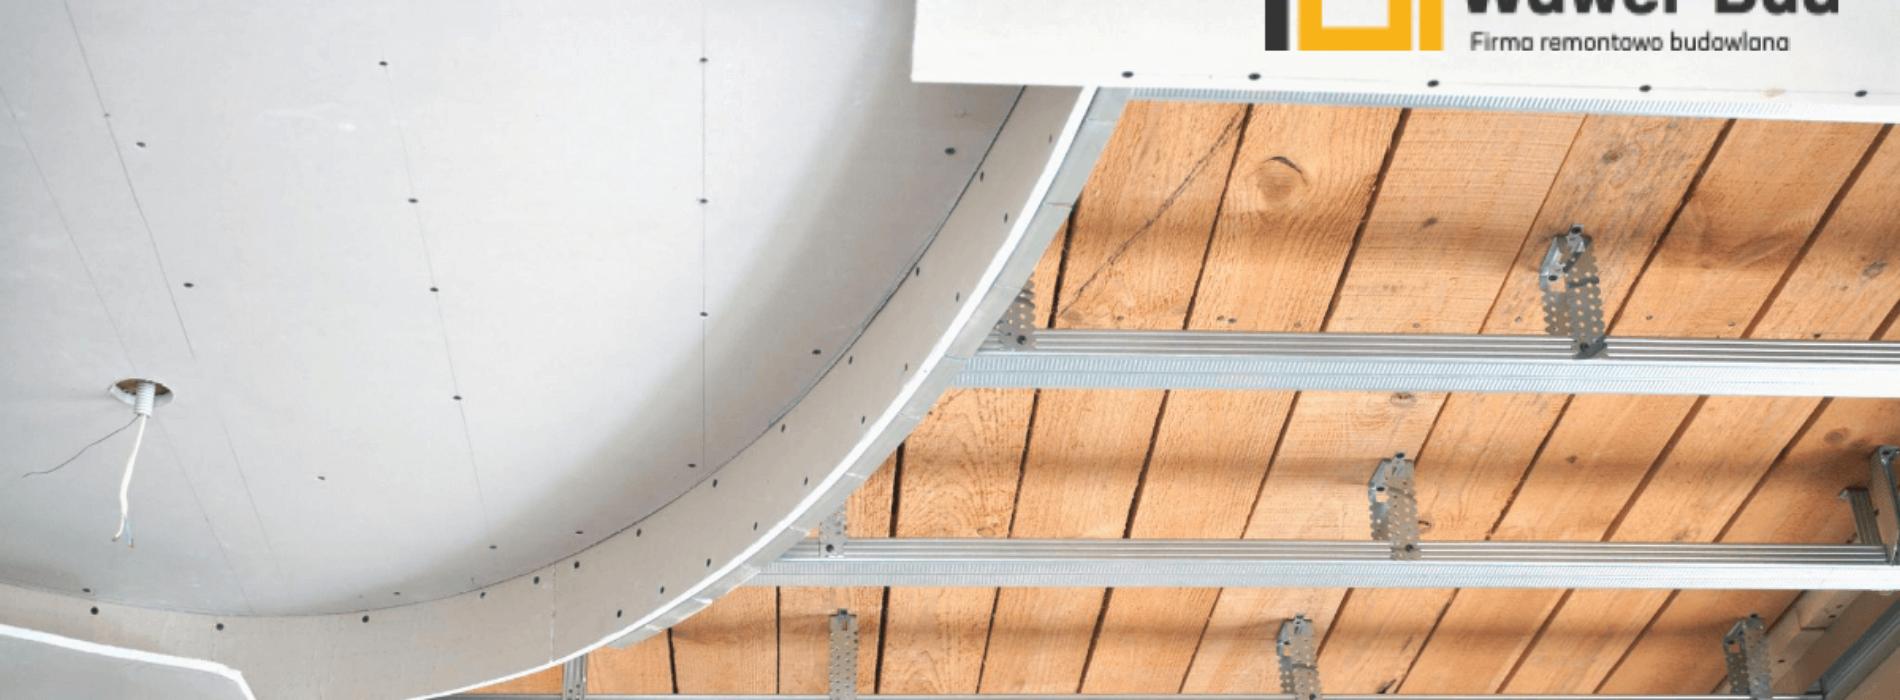 Jak wykonać sufit podwieszany? Wykonanie krok po kroku